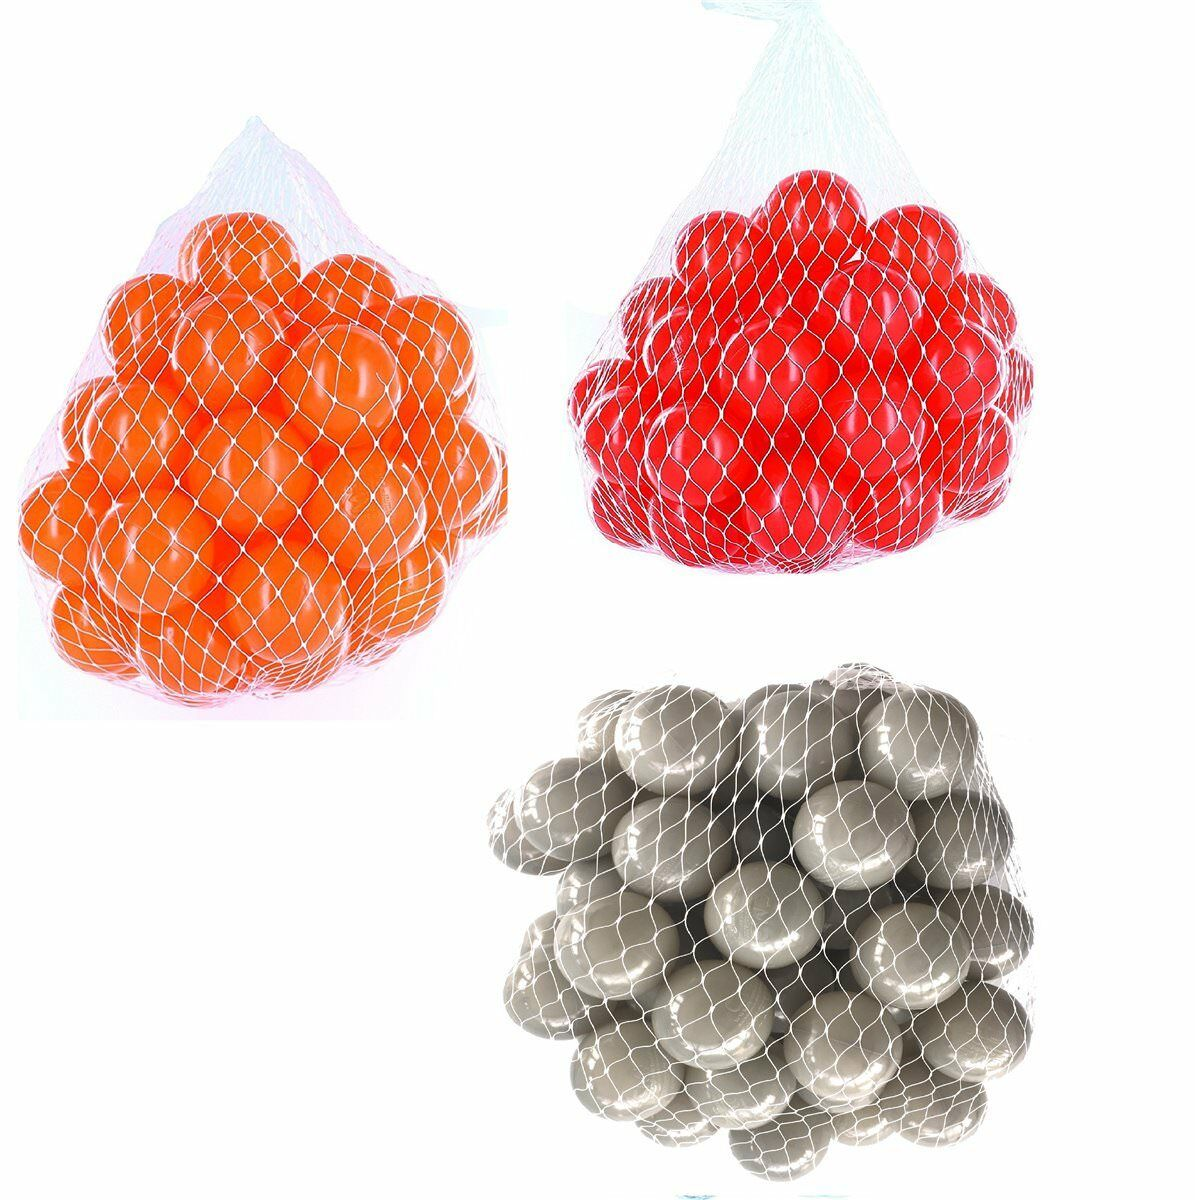 150-9000 Bagno di palline palle 55mm MIX grey red Arancione Misto colori